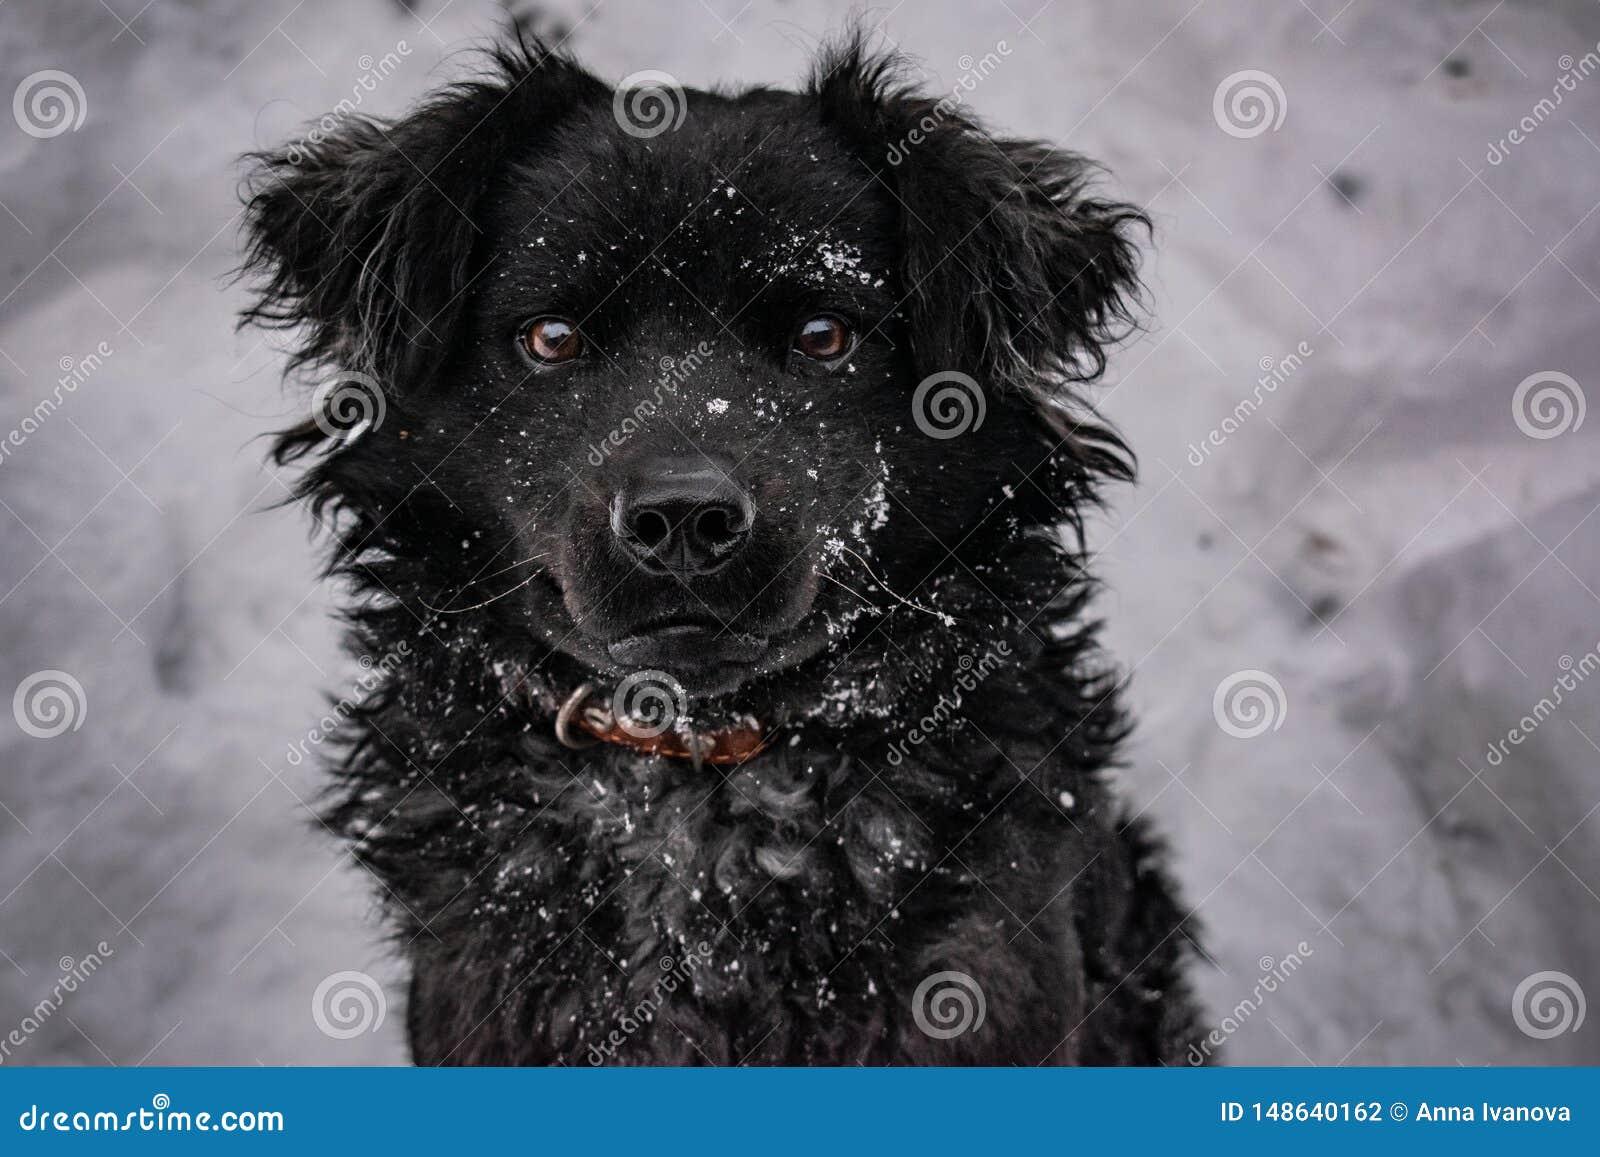 Perro de yarda negro, con el pelo lanudo, perro perdiguero Invierno, tiempo escarchado y mucha nieve blanca